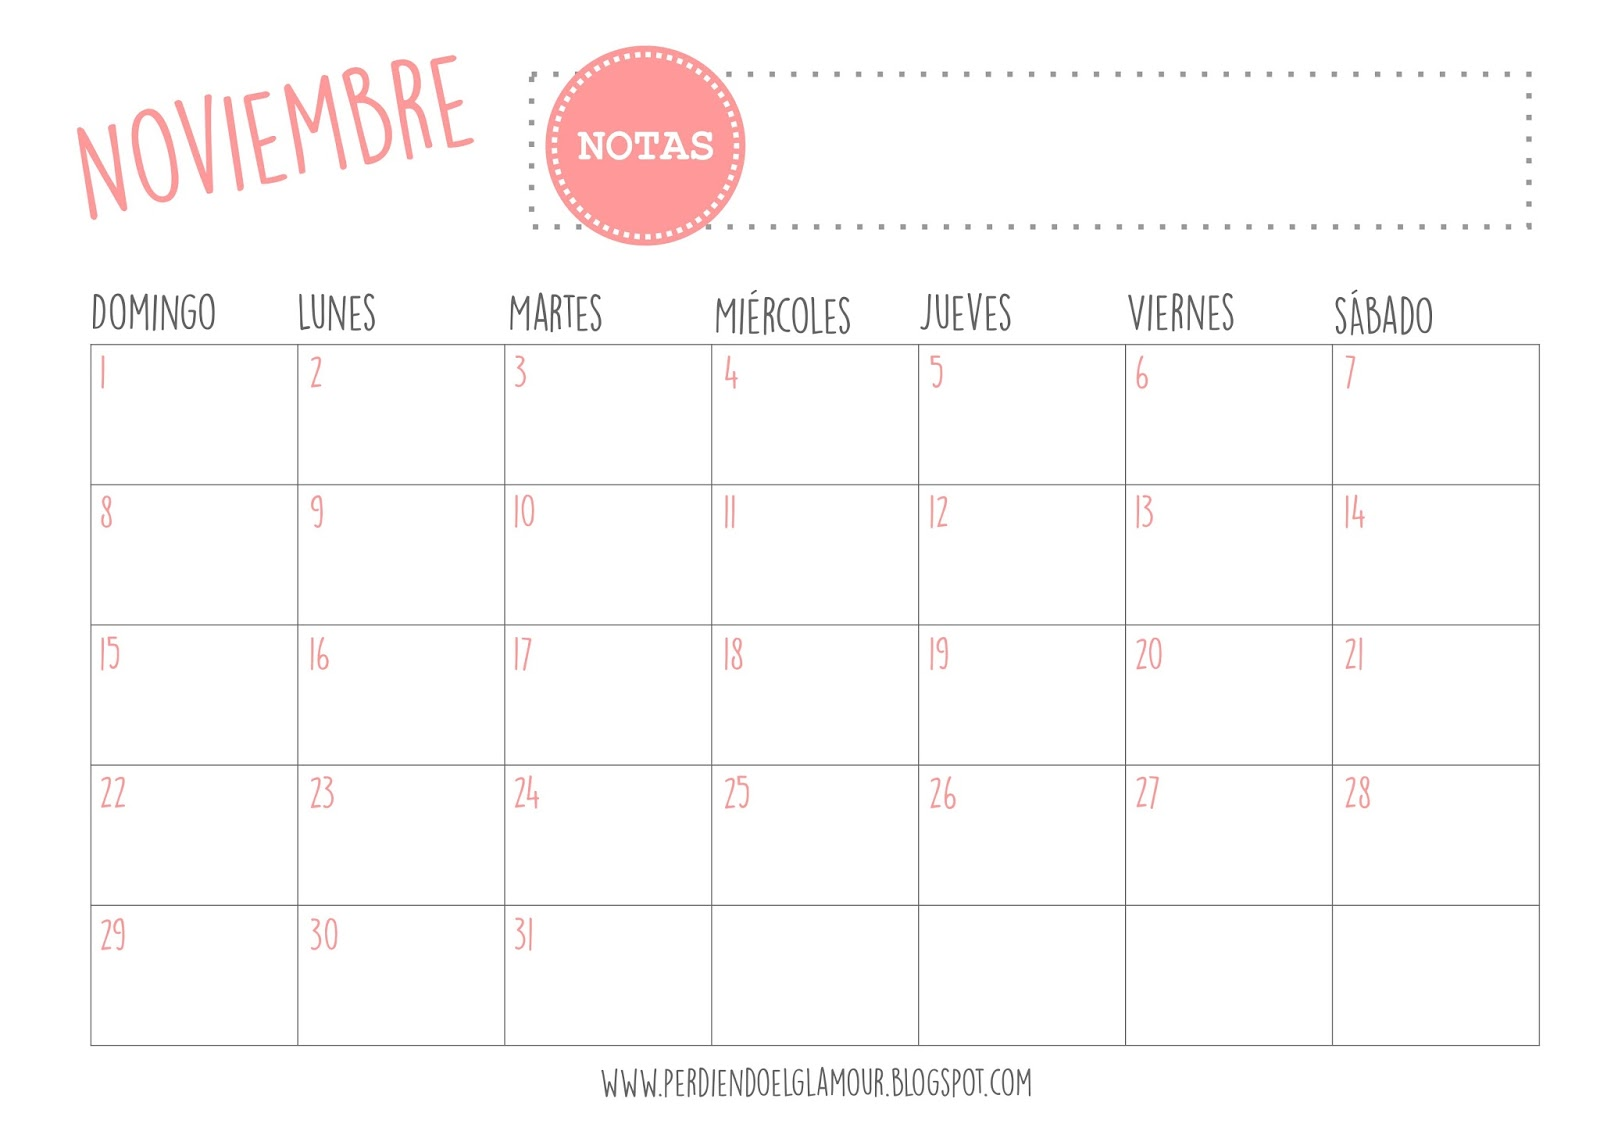 Perdiendo el glamour calendarios imprimibles 2015 - Disenos de calendarios ...